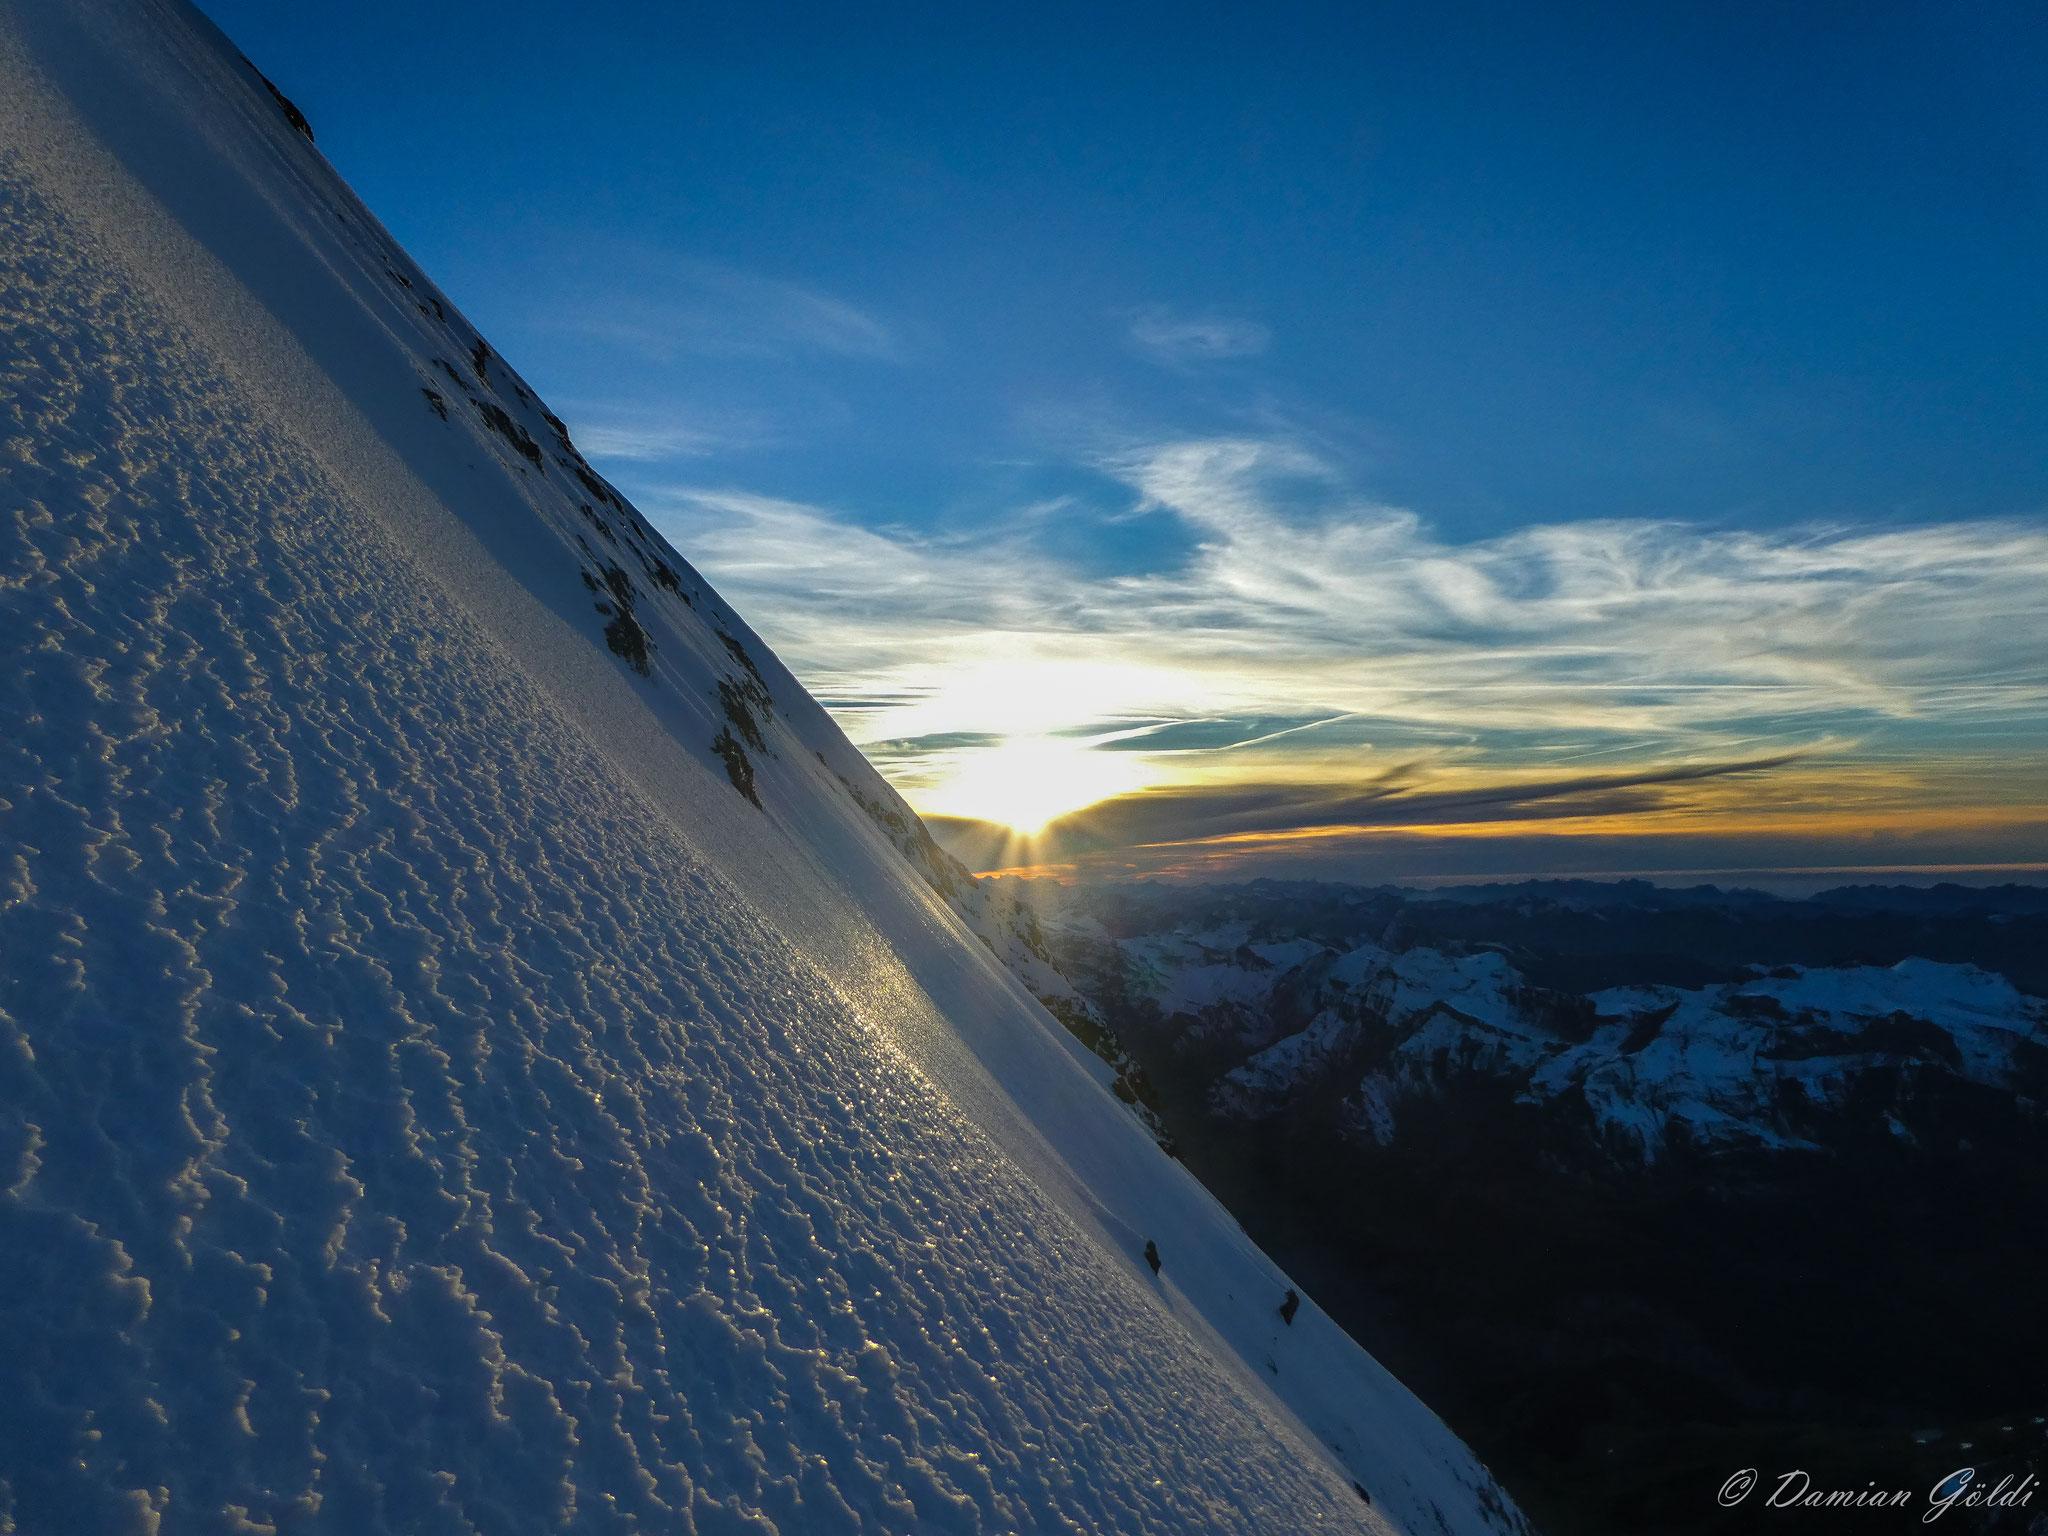 Eiger - Gipfeleisfeld, Berner Oberland. Foto: D. Göldi